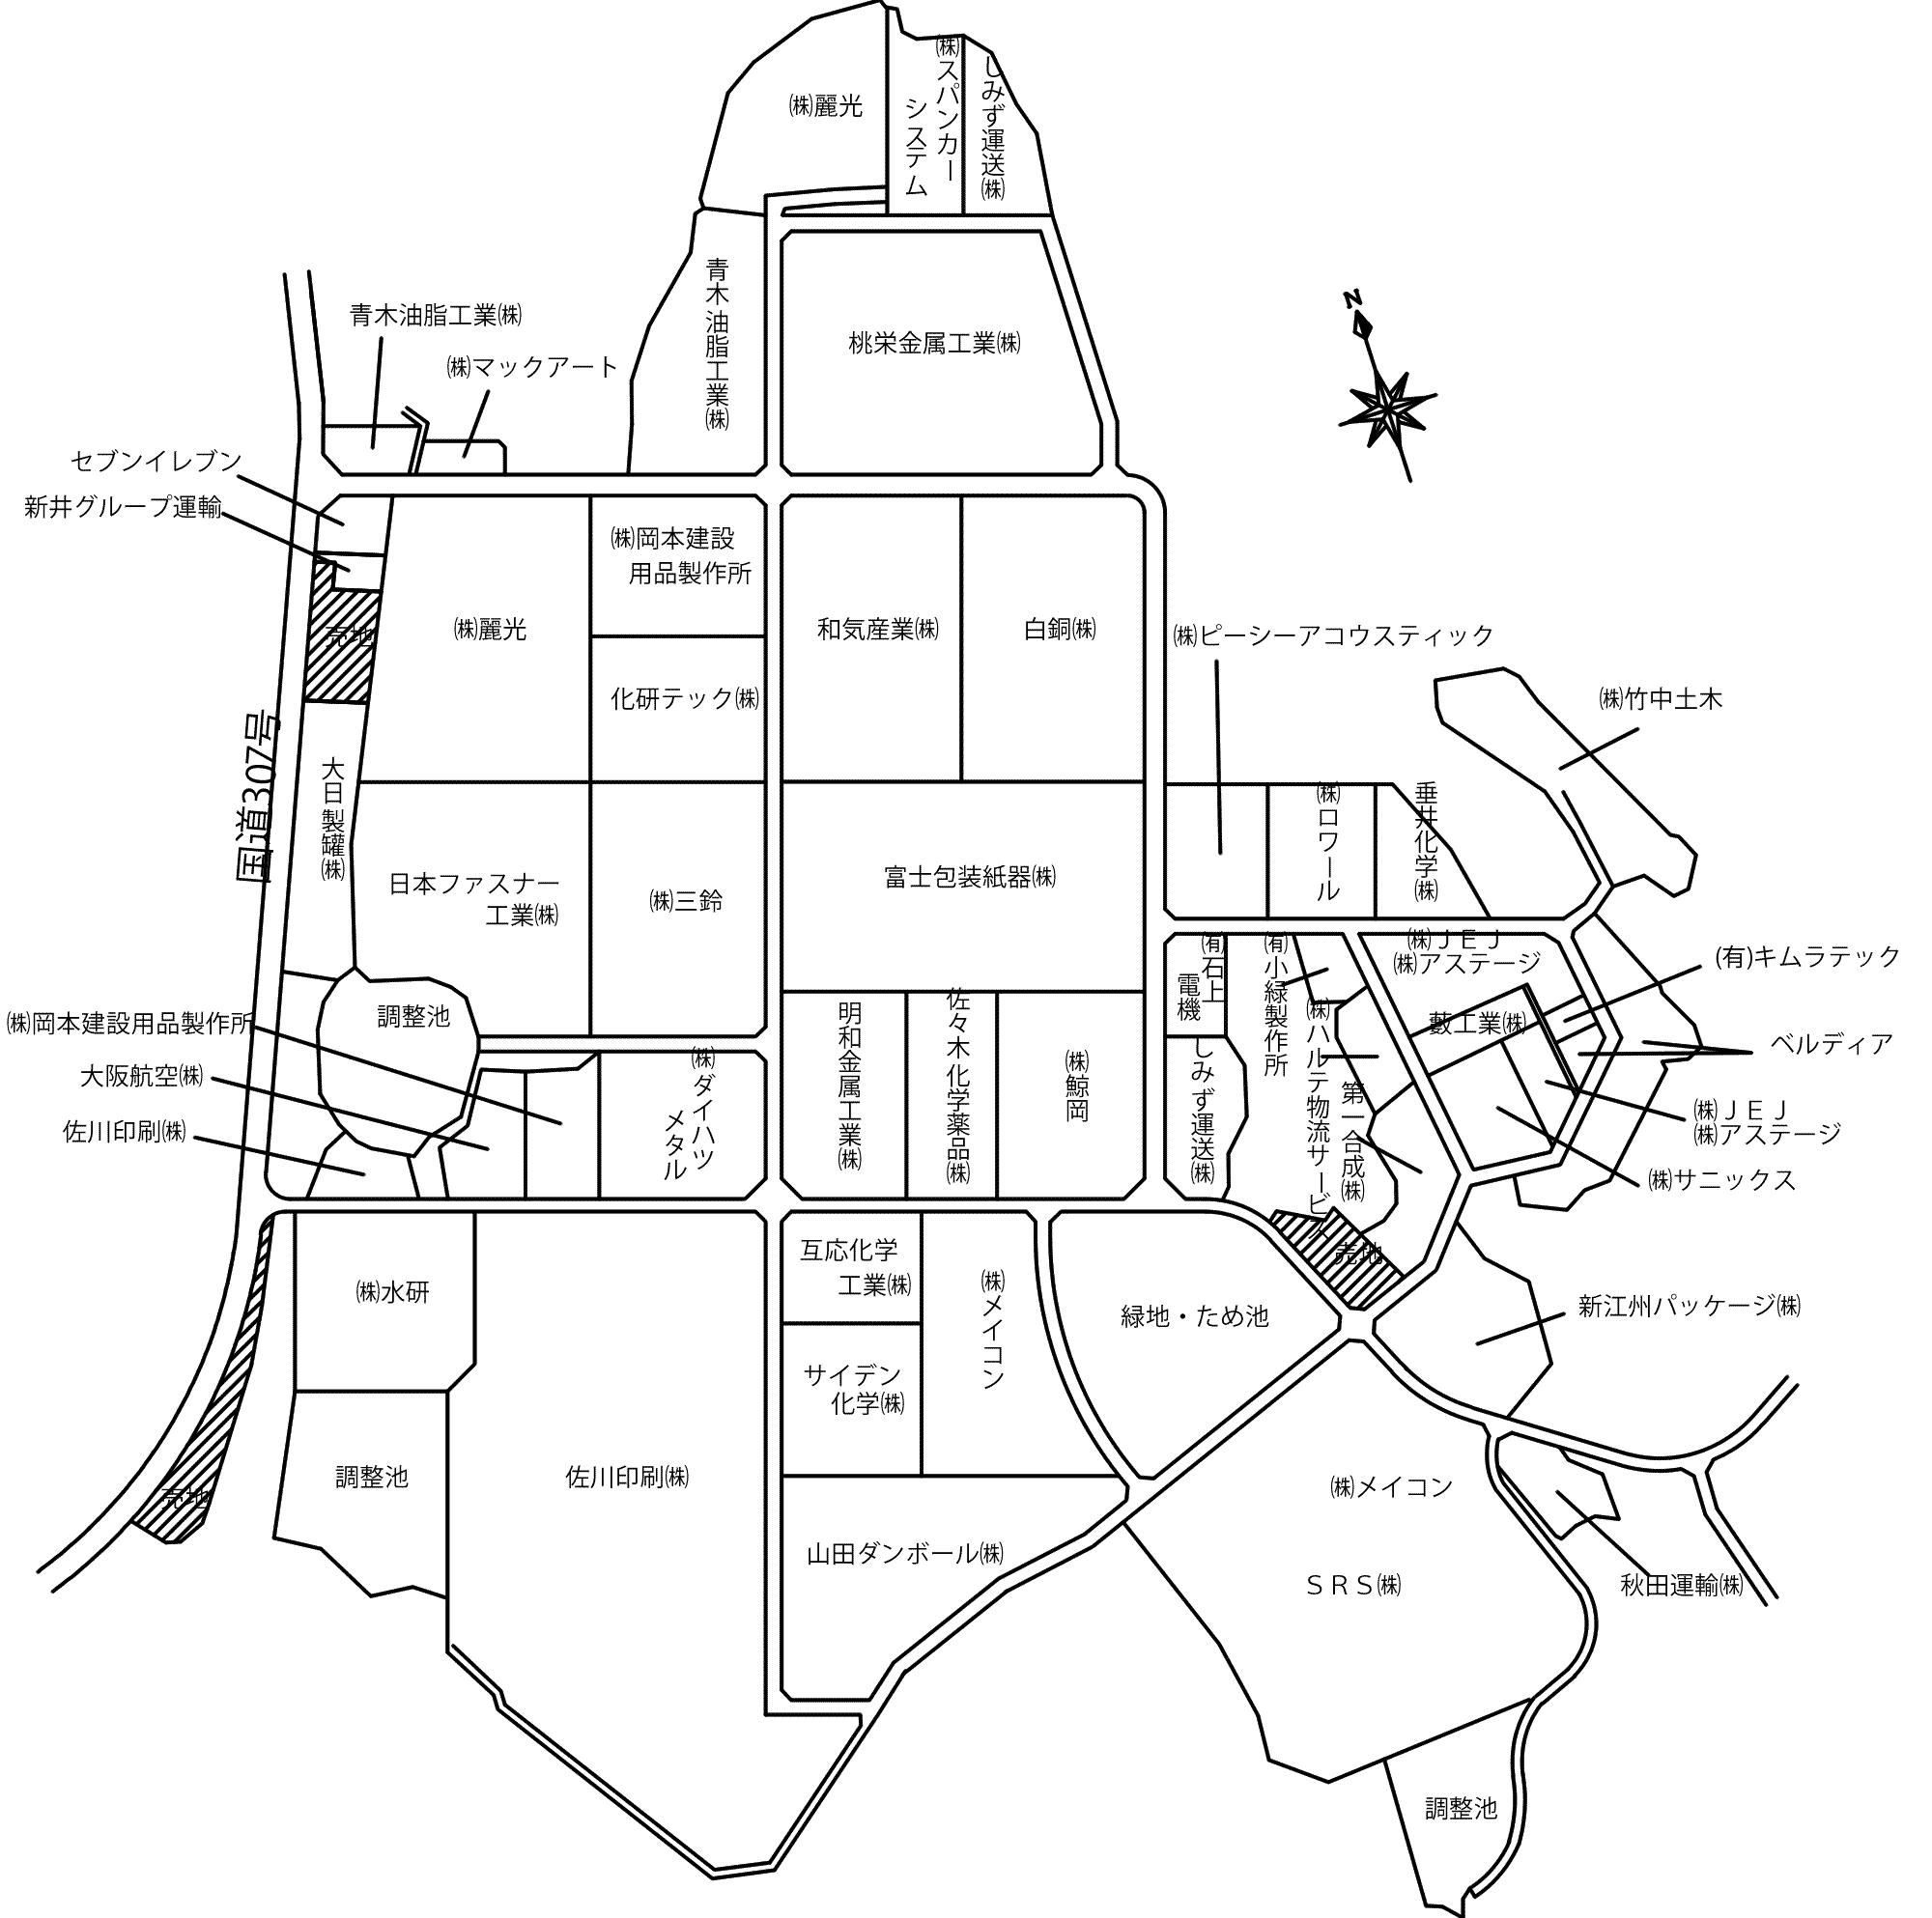 日野第二工業団地 周辺地図